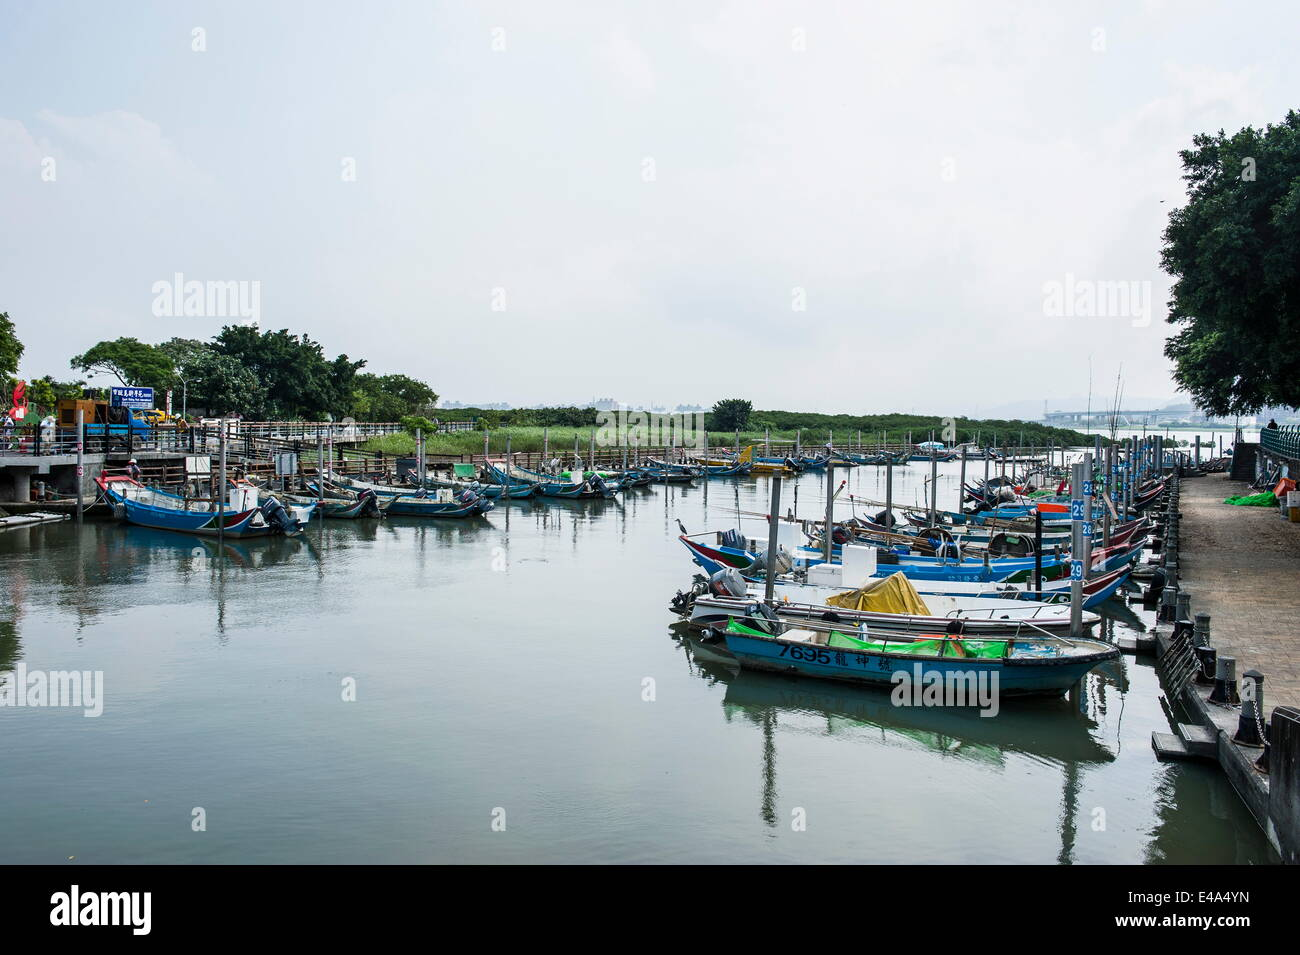 Little boats, Guandu Nature Park, Guandu, Taipeh, Taiwan, Asia - Stock Image